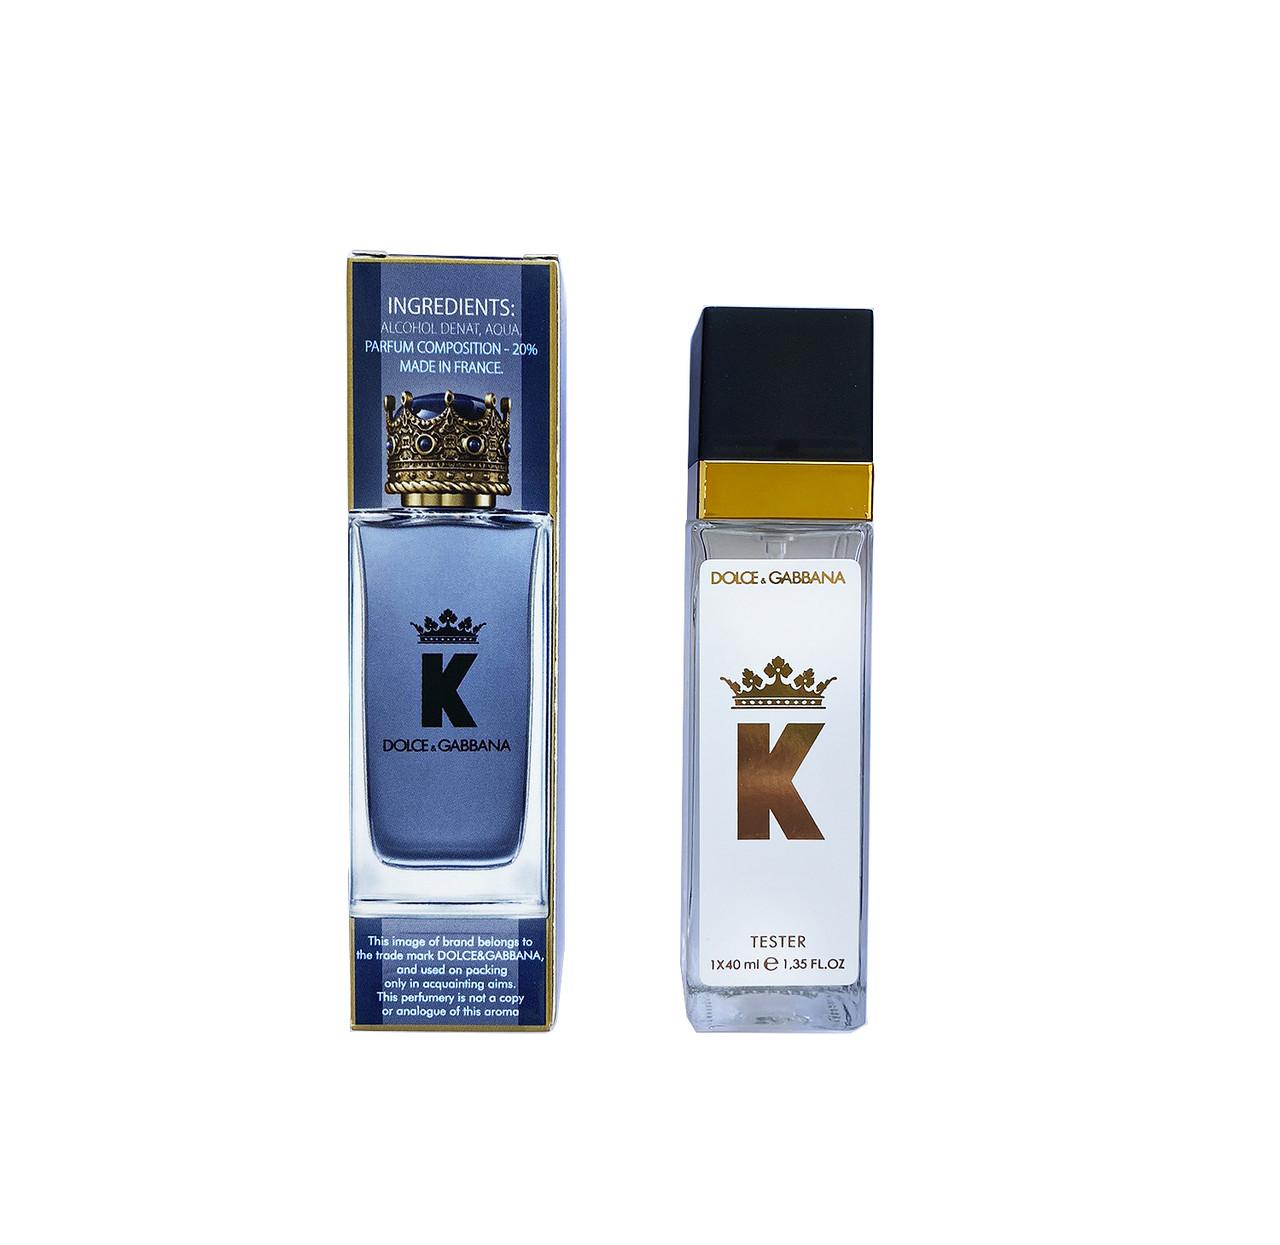 Dolce&Gabbana K 40 мл.